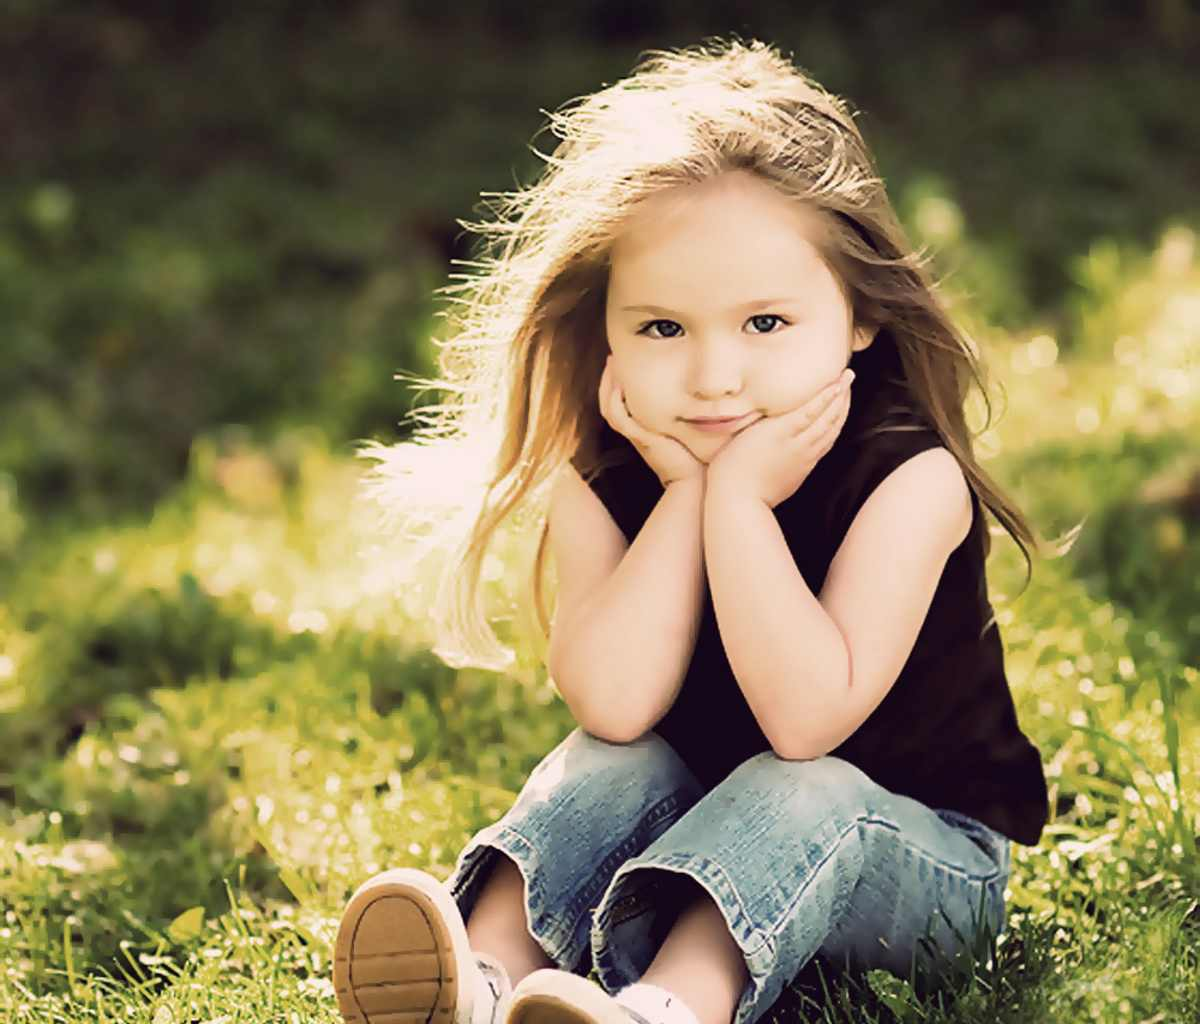 صور أطفال جميلة 2020 اجمل صور الاطفال صور بيبى جميلة ولاد وبنات صغار 35